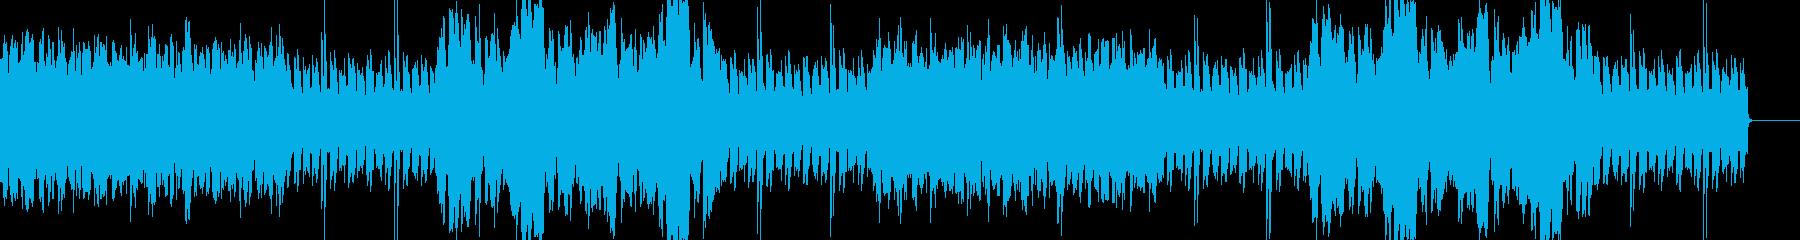 アイリッシュ・ケルト 明るい アコギの再生済みの波形